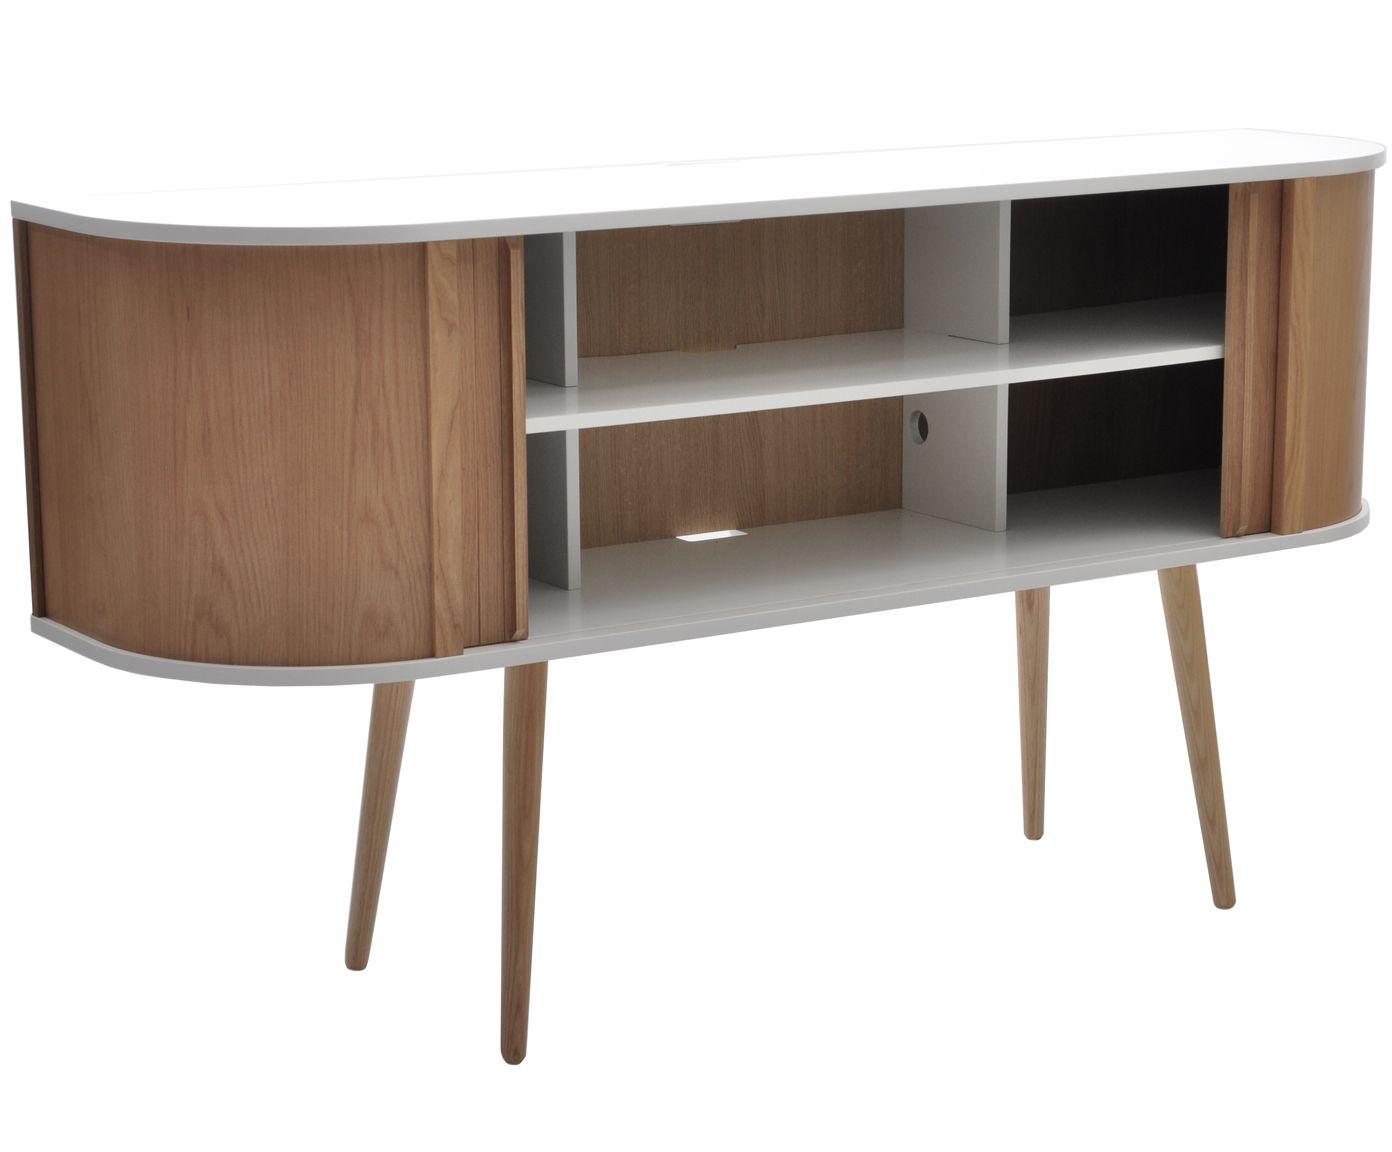 praktischer stauraum und stylisches m belst ck in einem rge pr sentiert das sideboard hugo das. Black Bedroom Furniture Sets. Home Design Ideas